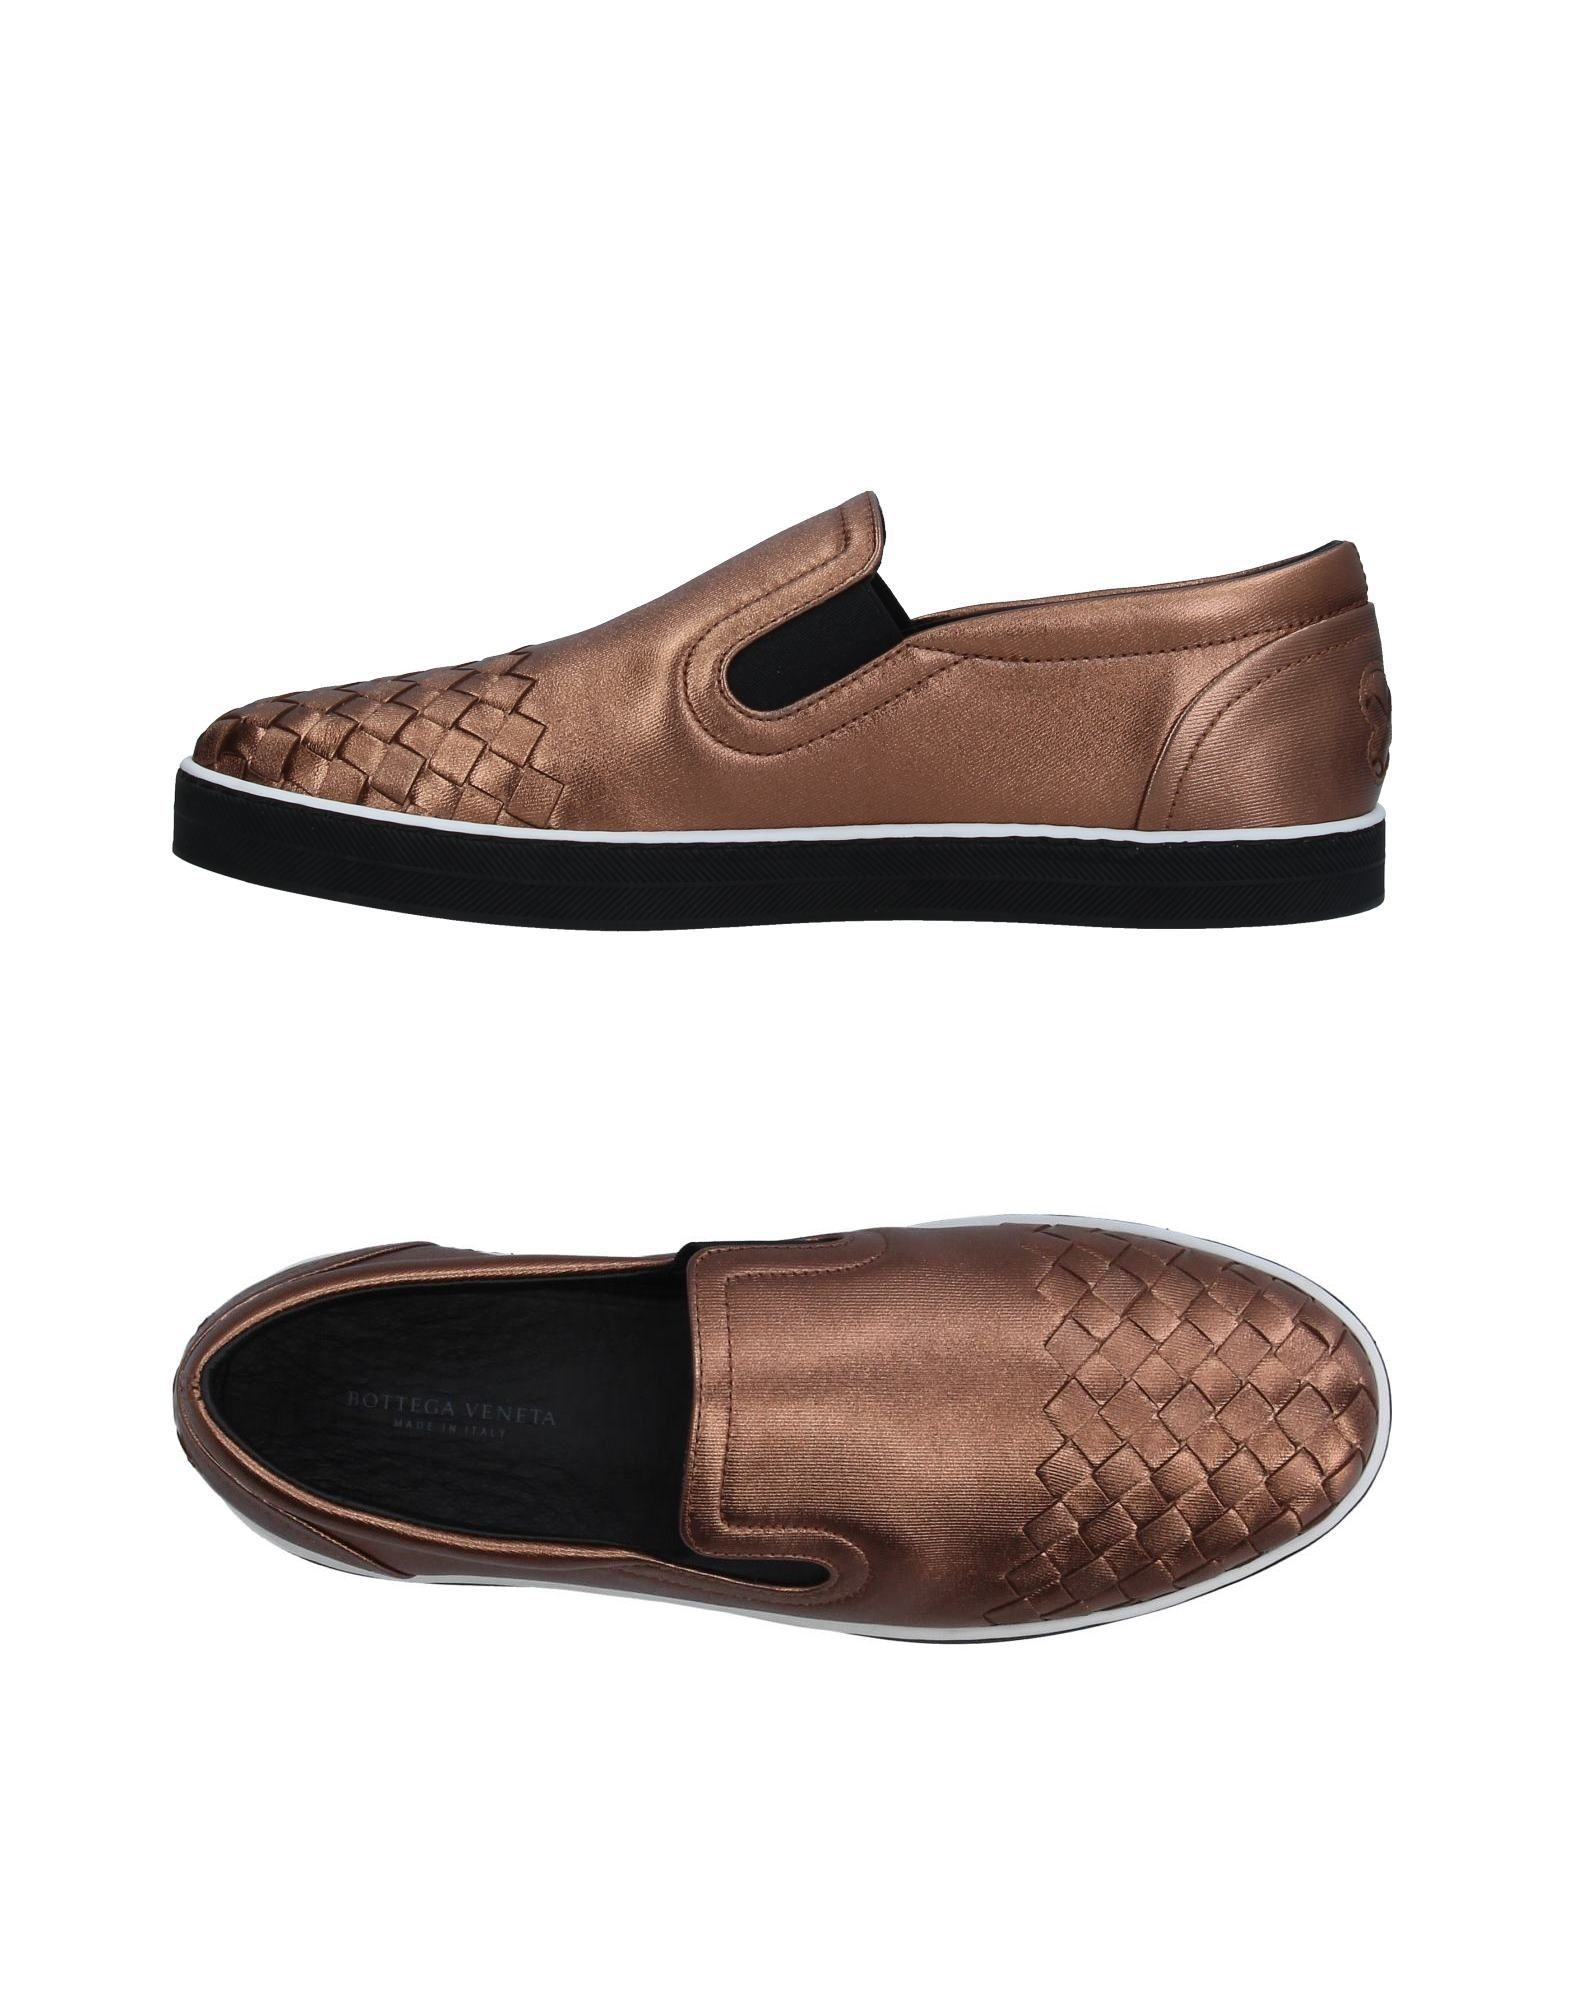 Rabatt Schuhe Bottega Veneta Sneakers Damen  11357854JU